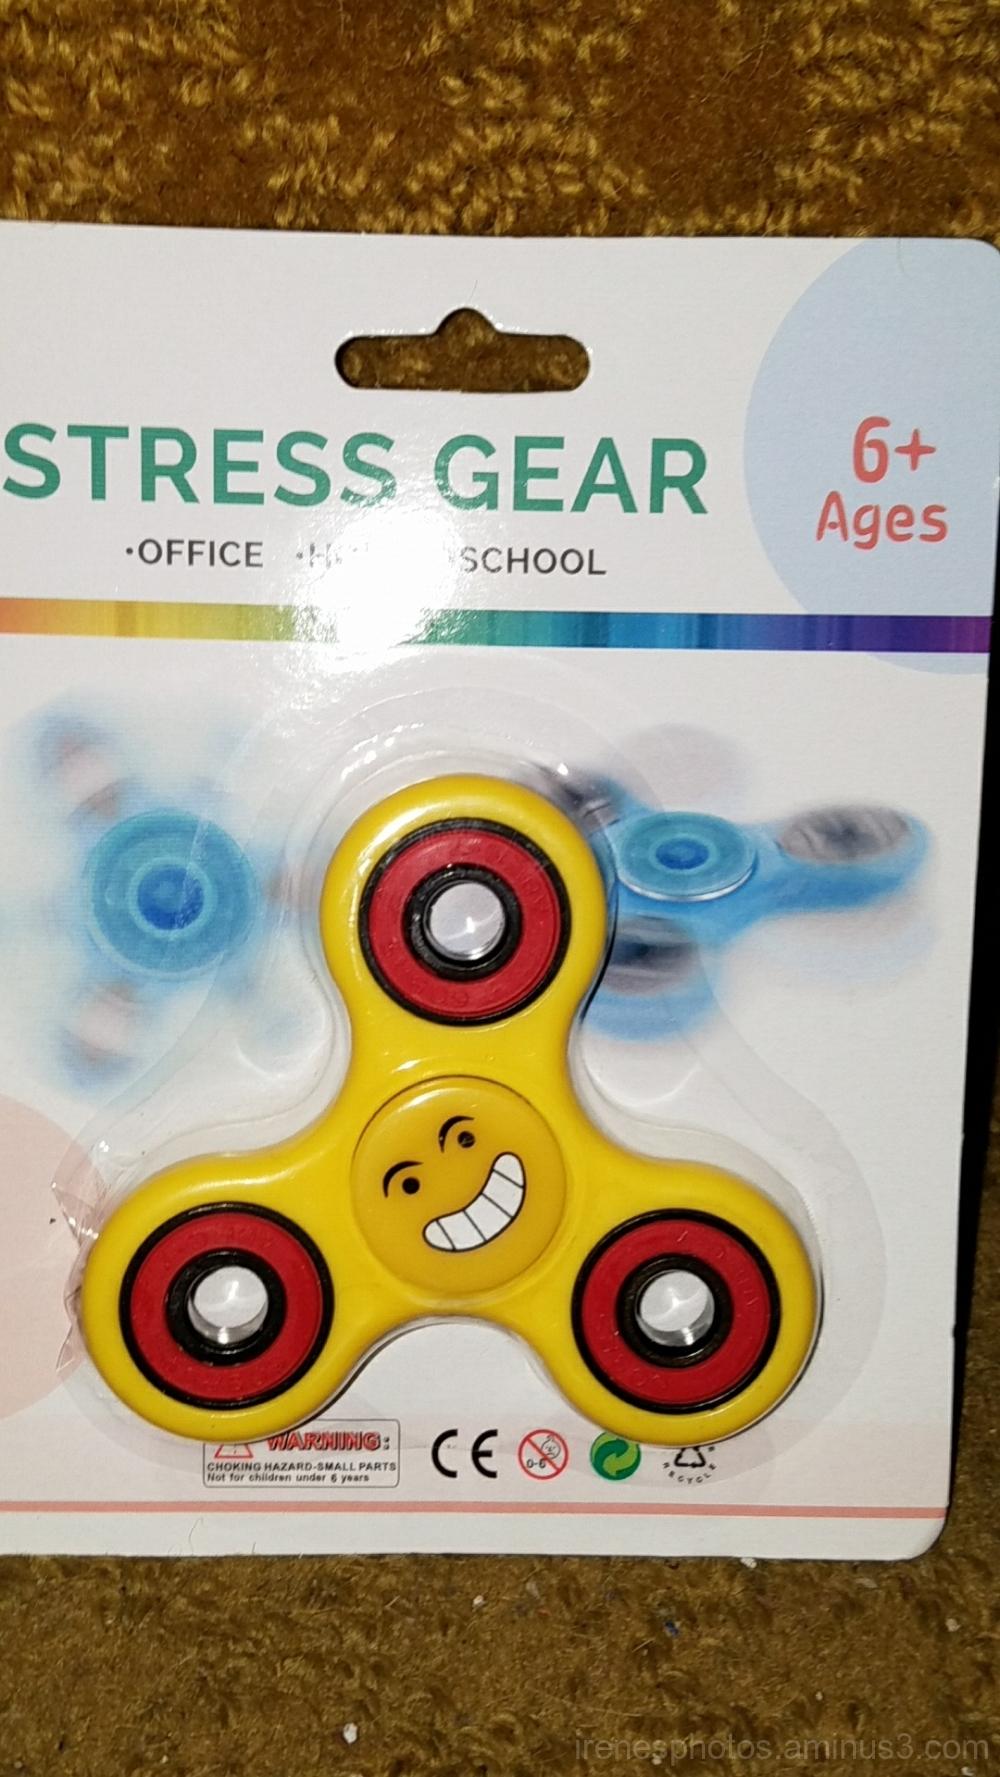 Stress Gear - ST